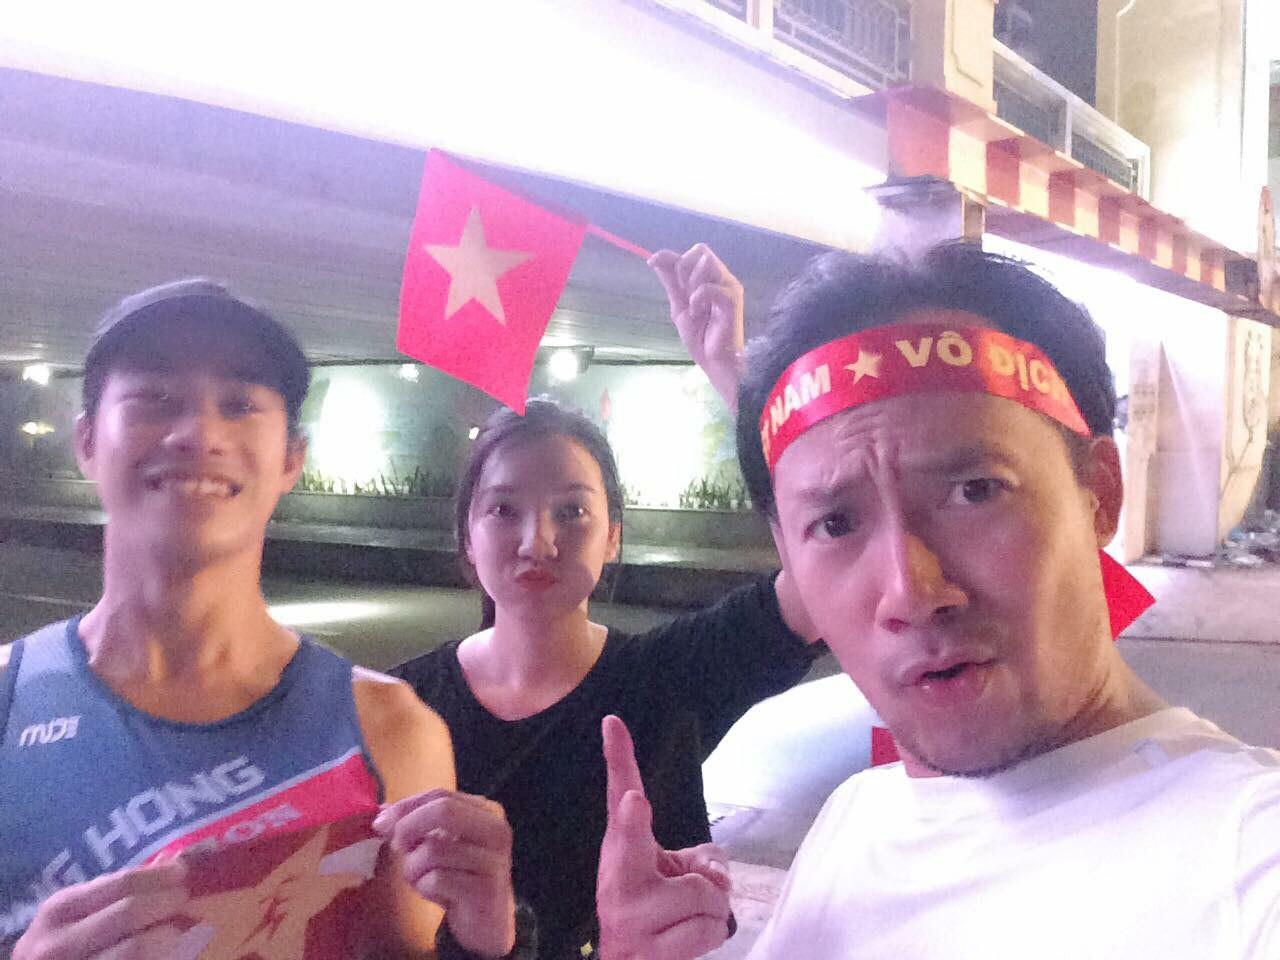 Bạn gái 9x của rapper Tiến Đạt khoe khéo nhẫn kim cương ở ngón áp út sau đồn đoán chuẩn bị kết hôn ngày 31/12 - Ảnh 3.